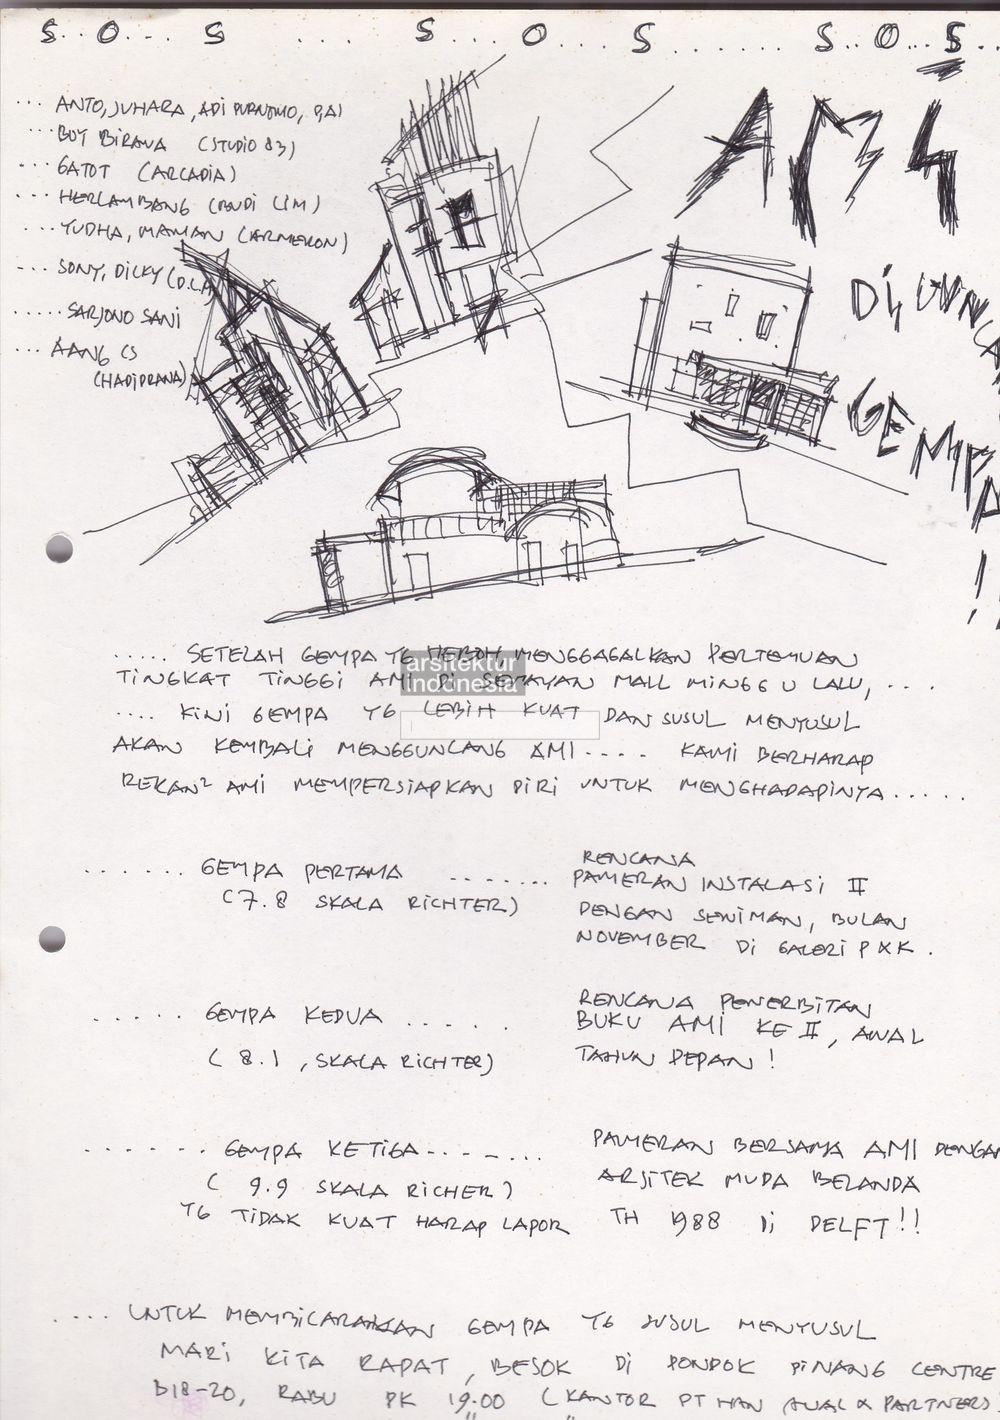 Gambar Arsitektur Indonesia